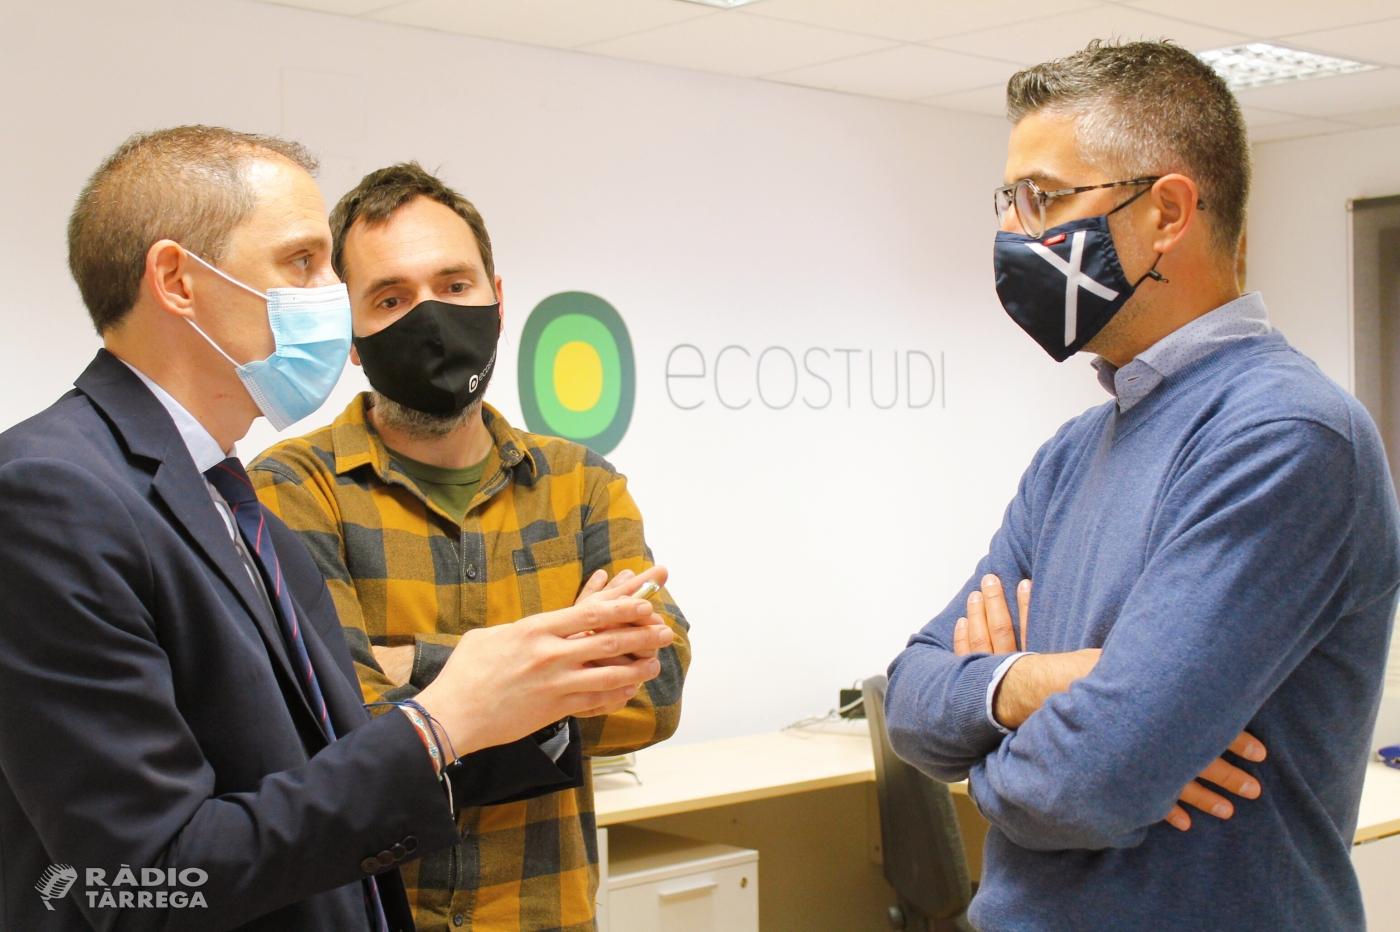 El Ministeri per a la Transició Ecològica concedeix 1,2 milions d'euros a 9 ajuntaments de Lleida per subvencionar 14 projectes d'eficiència energètica